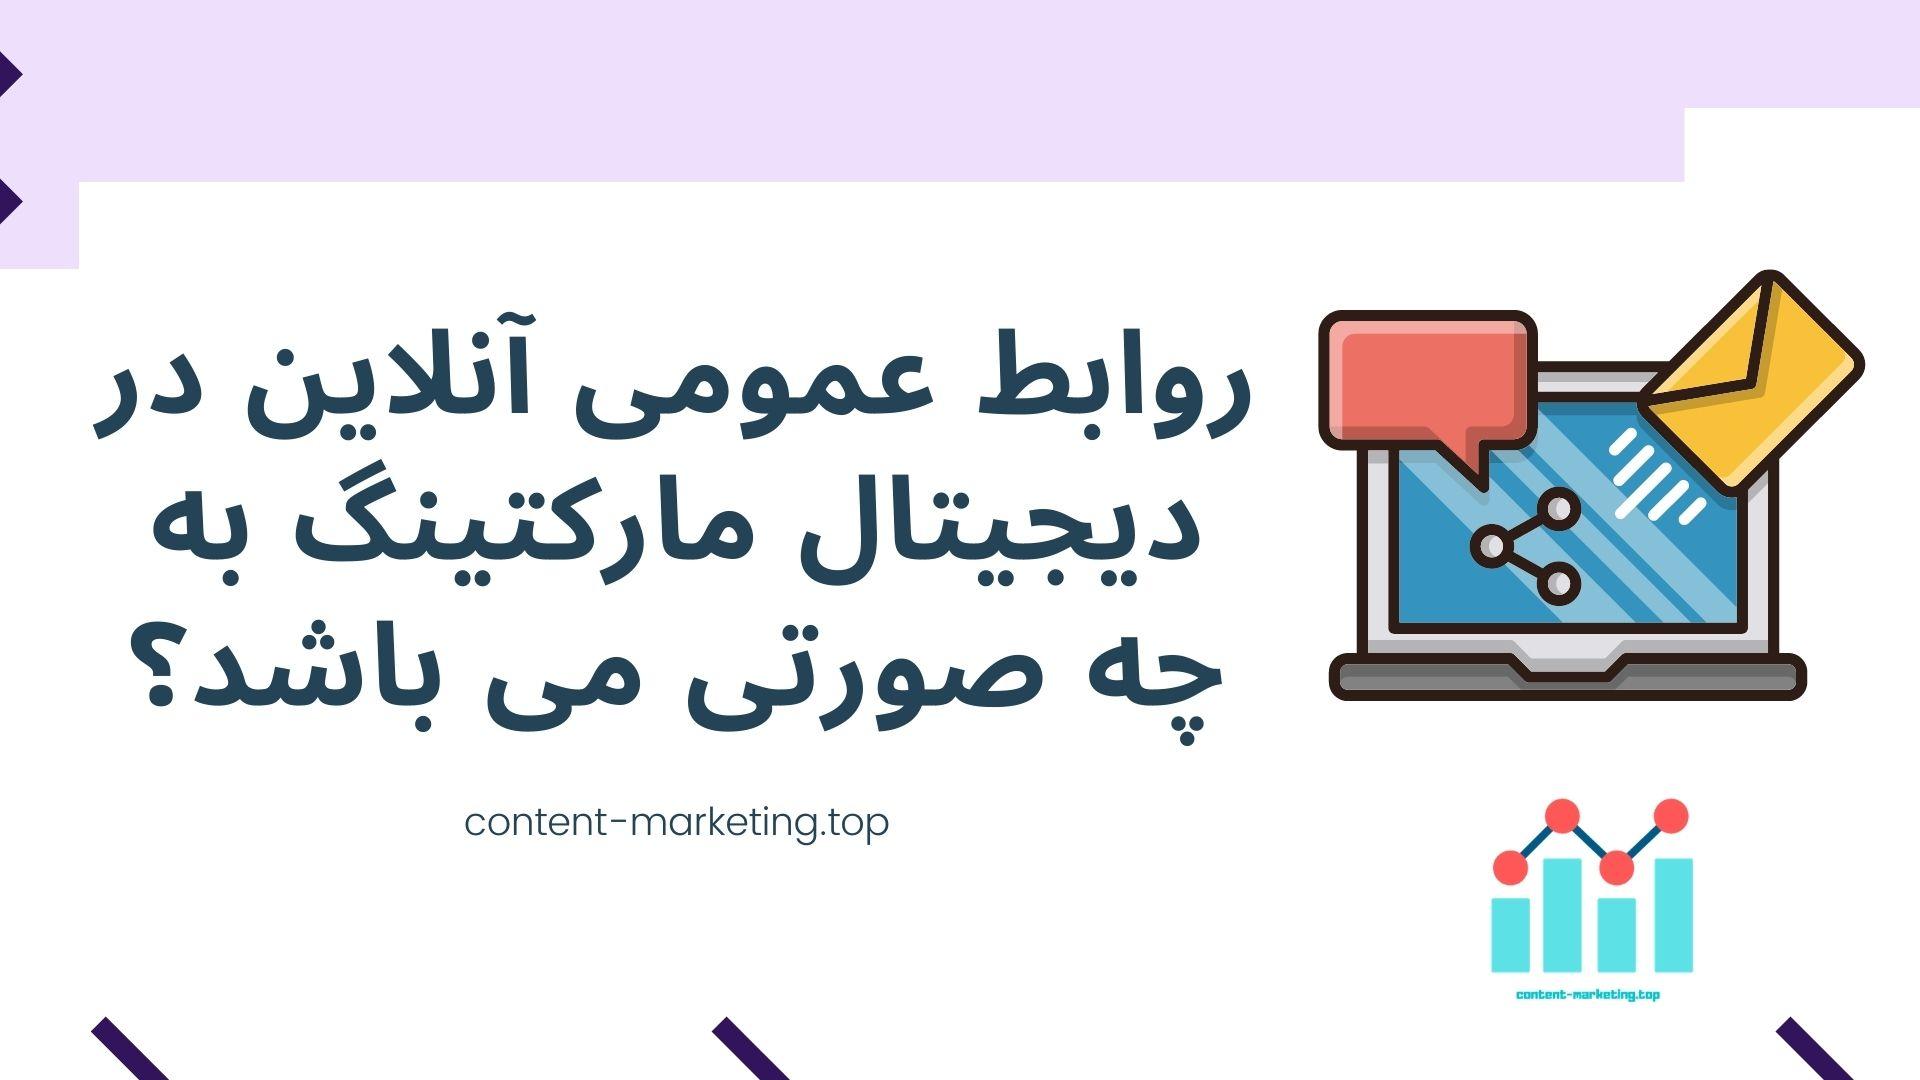 روابط عمومی آنلاین در دیجیتال مارکتینگ به چه صورتی می باشد؟